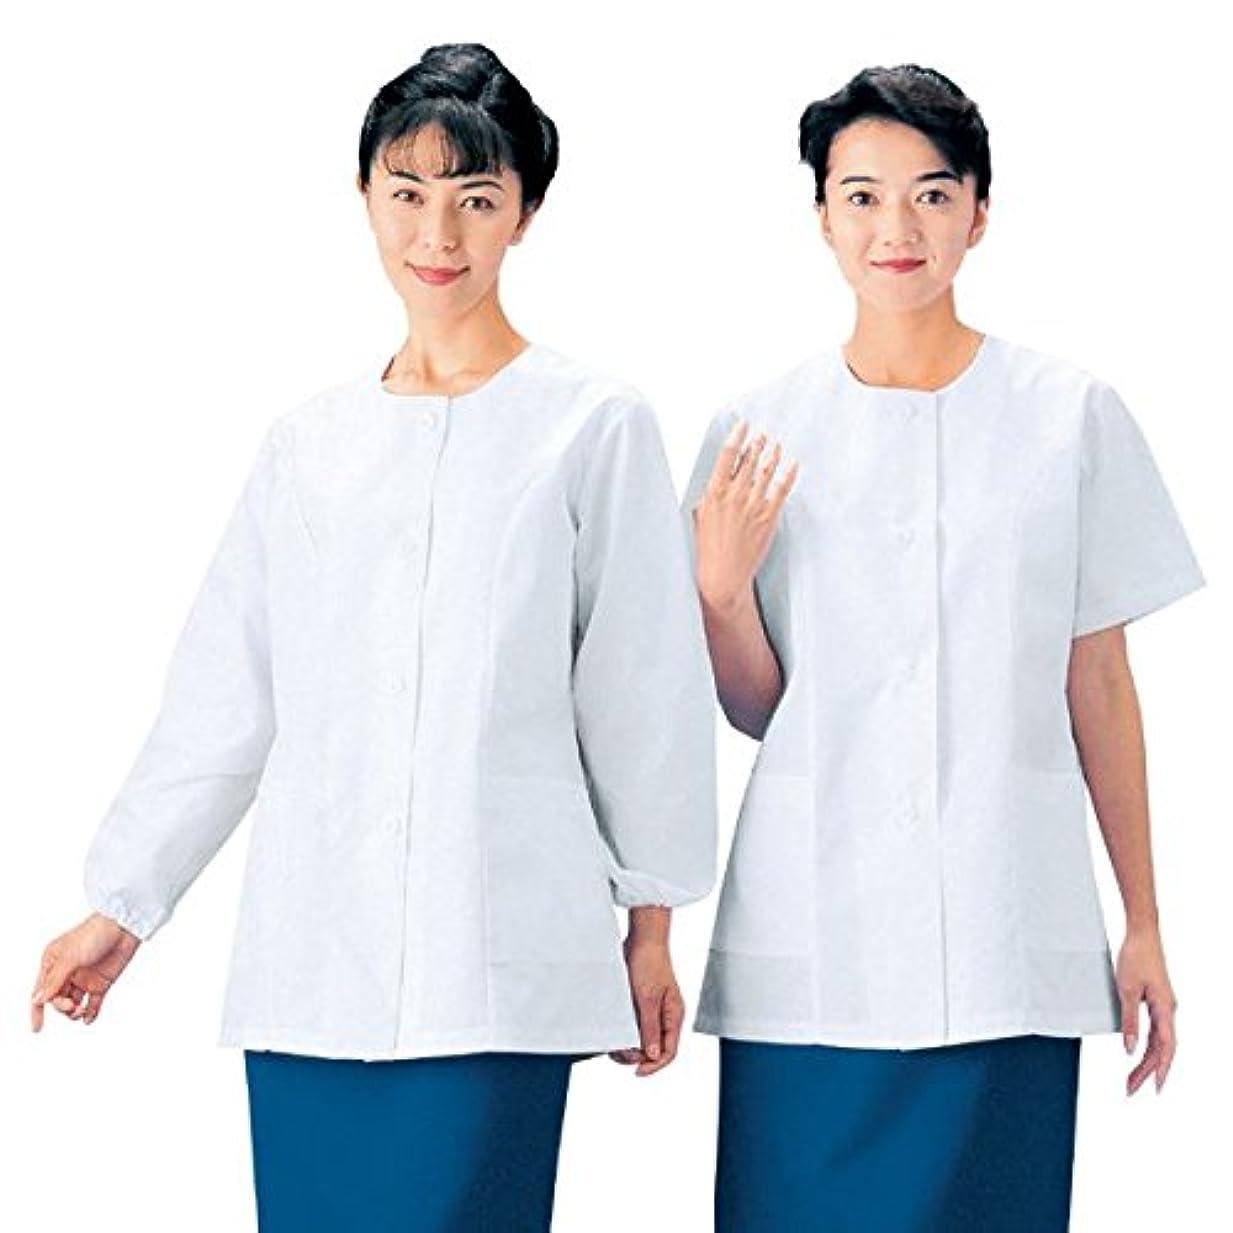 失礼な菊ゆりかごworkfriend 調理用白衣女子衿無長袖 SKA333 Lサイズ